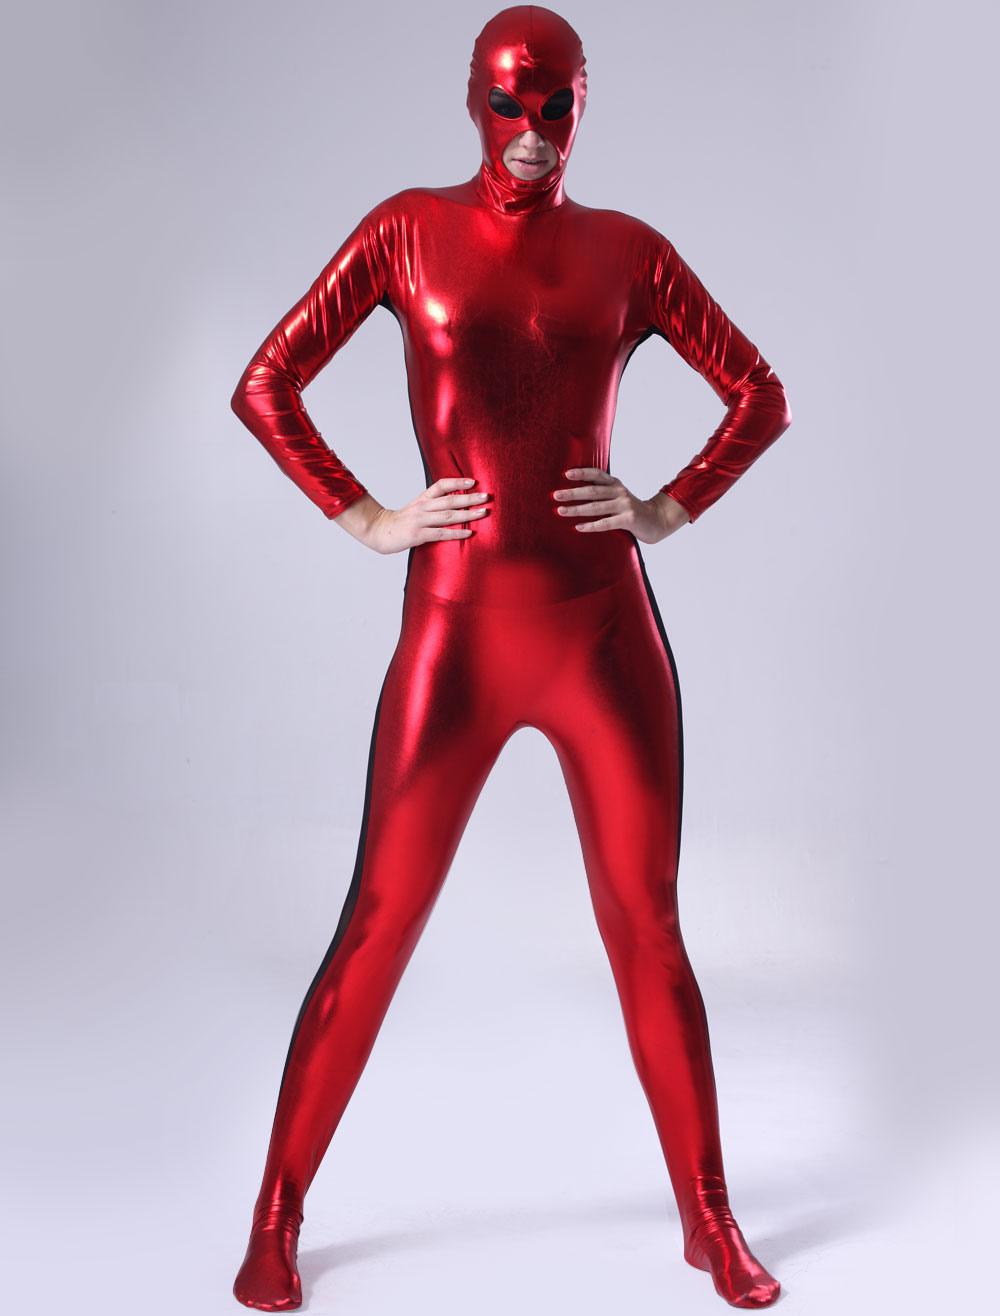 Red Shiny Metallic Zentai Suit Halloween cosplay costume for Women Halloween